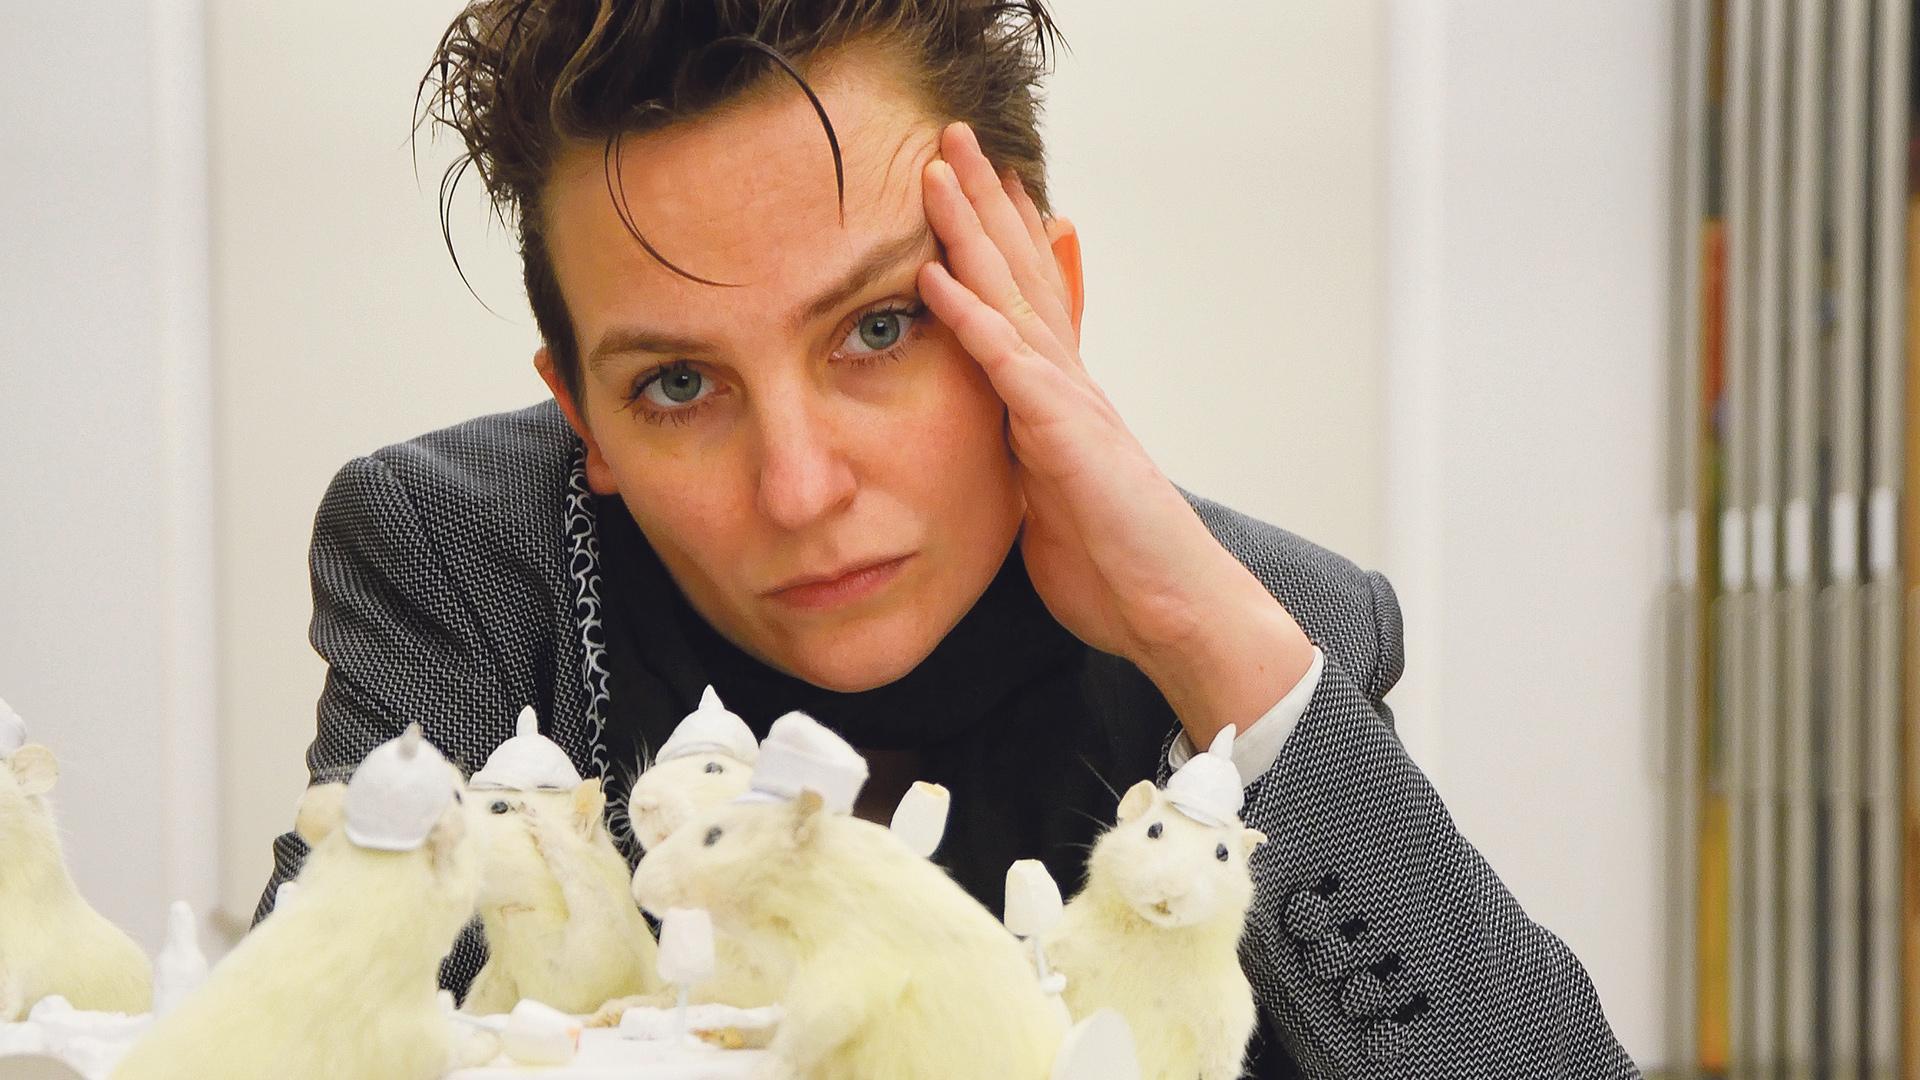 Frau stützt den Kopf mit dem Arm am Tisch vor ihr eine weiße Mäuseschar